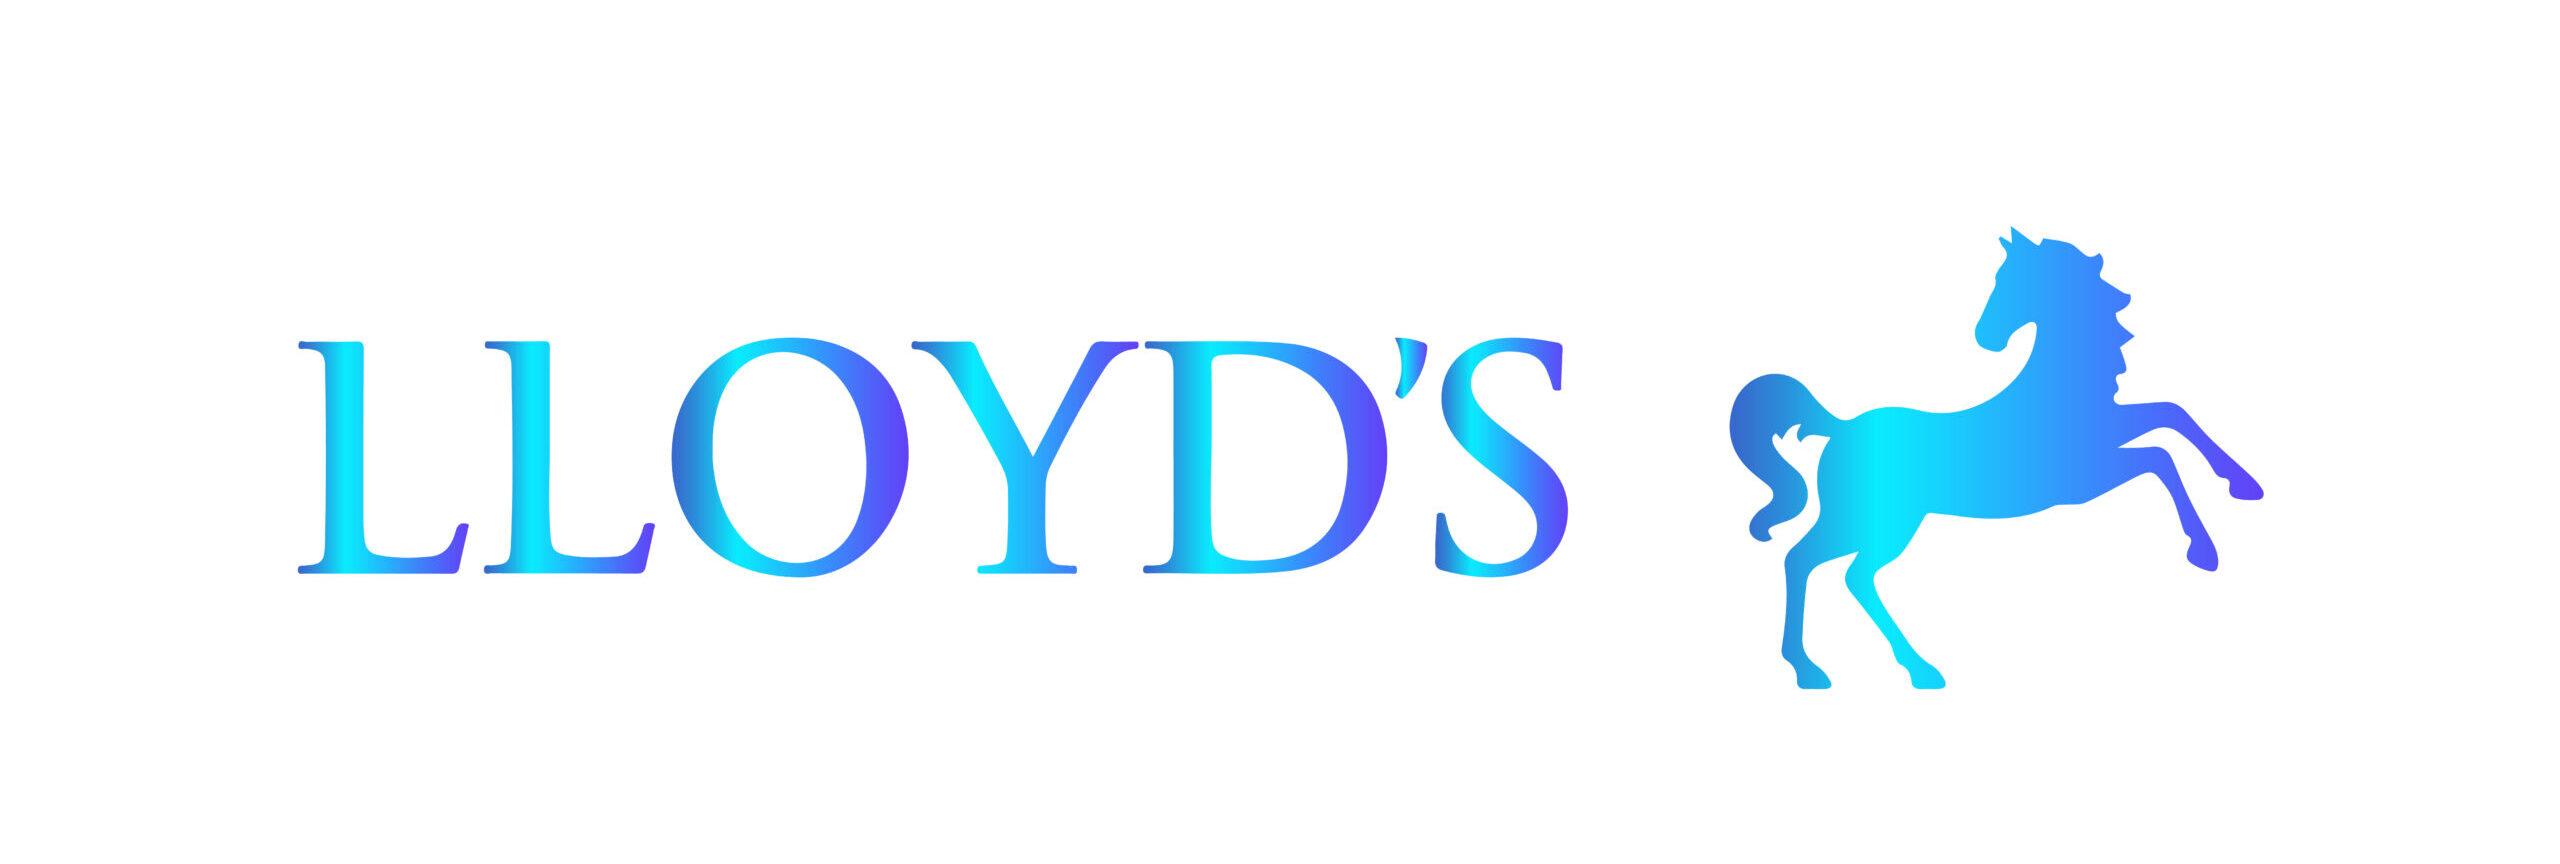 Lloyd's снова хочет открыть свои двери